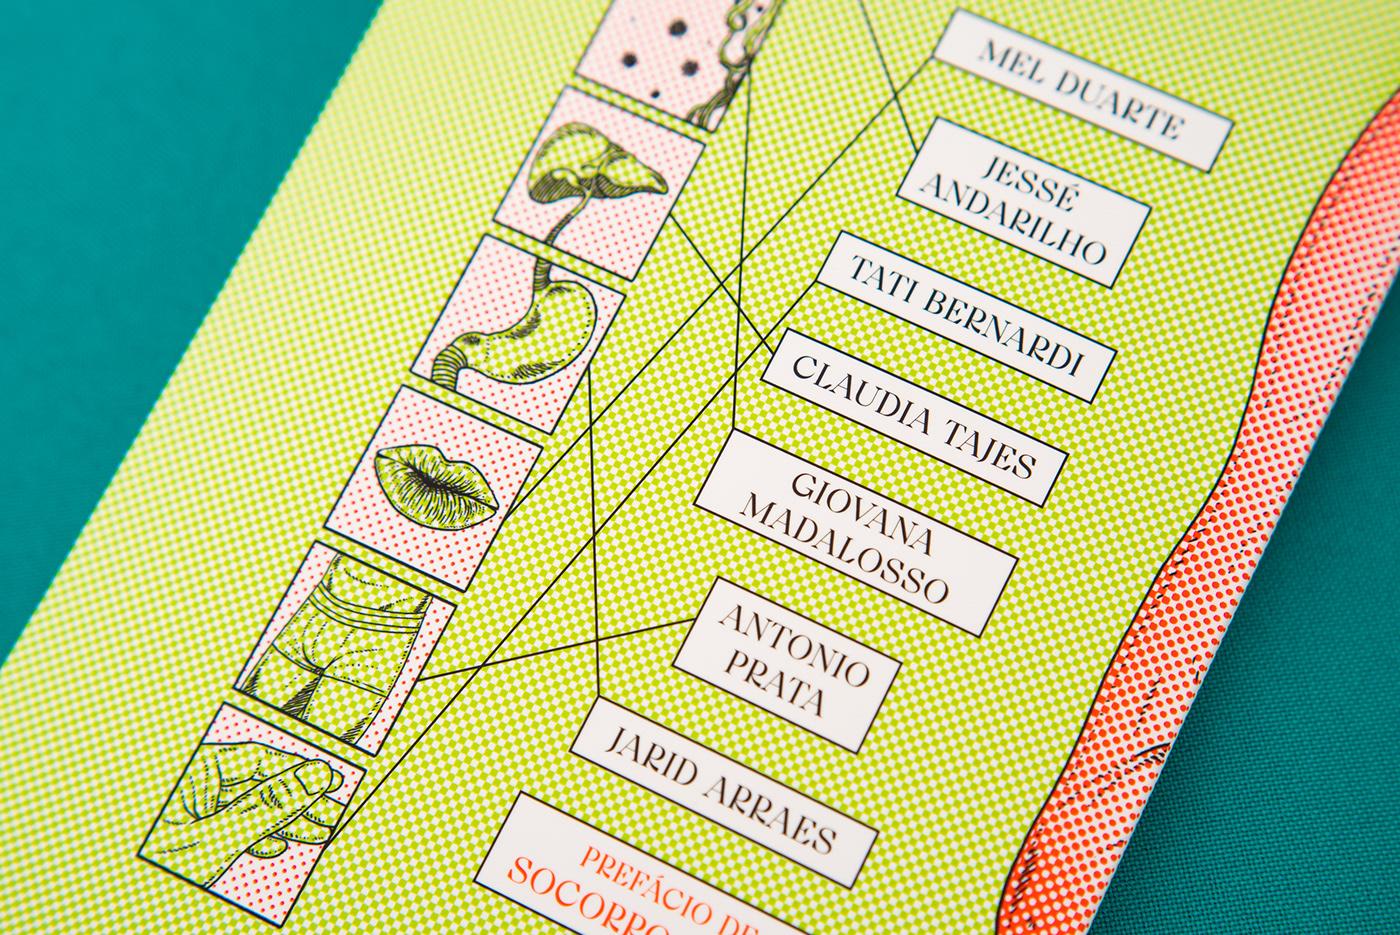 book book cover capa de livro editorial she designs books covers halftone Livro pantone